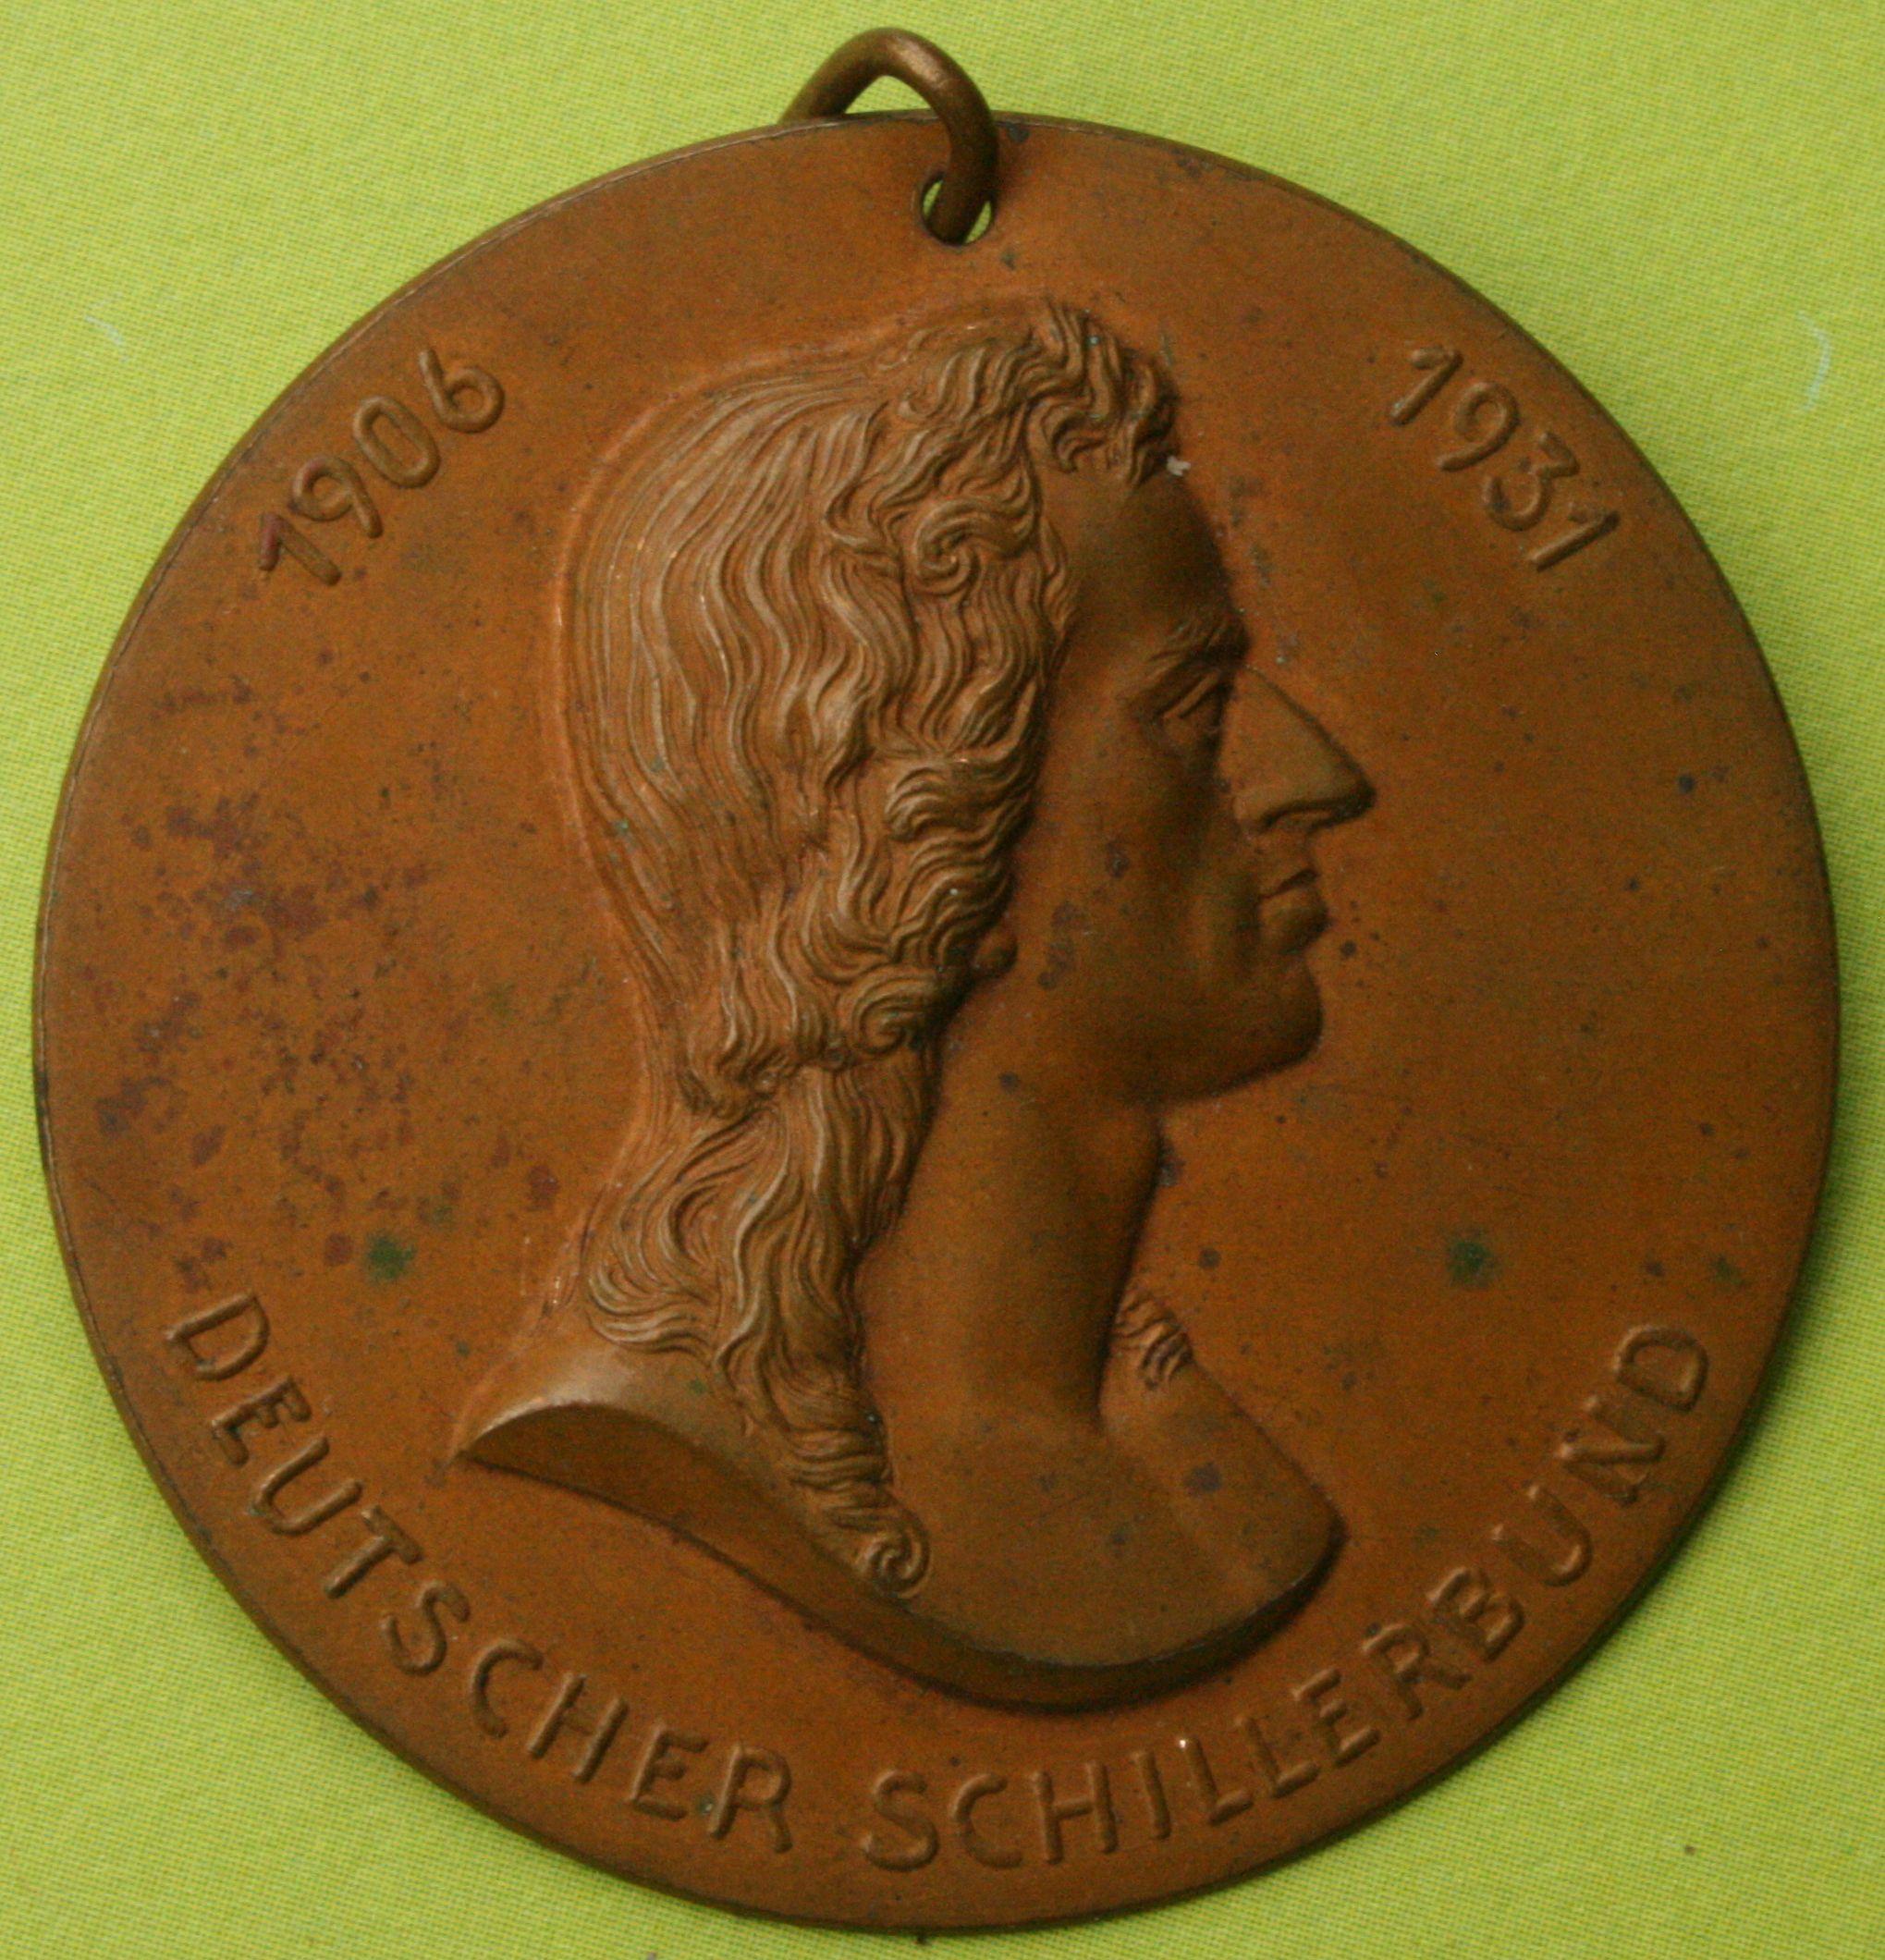 Friedrich Schiller Plakette.jpg